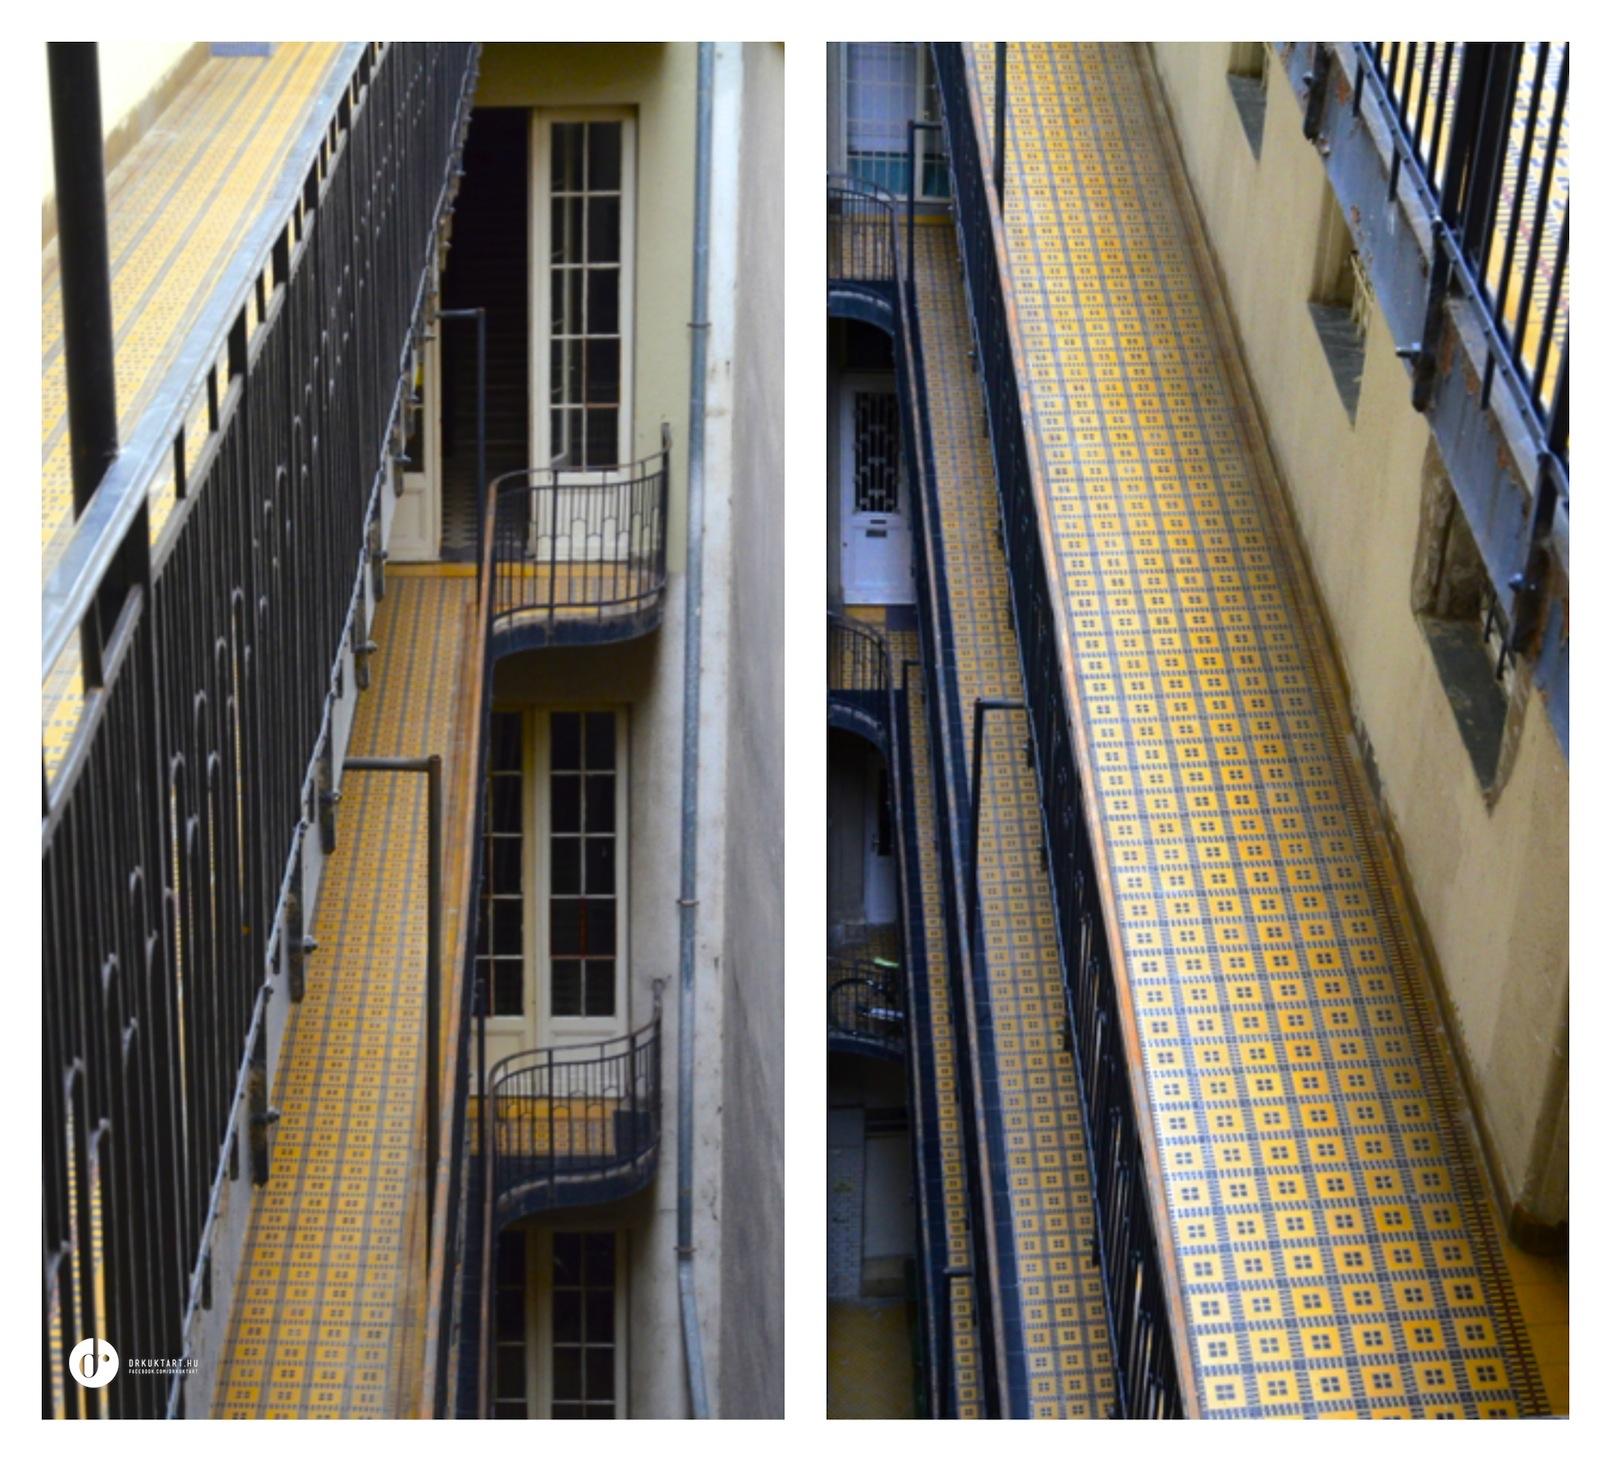 drkuktart_budapest10011_pilvax.jpg